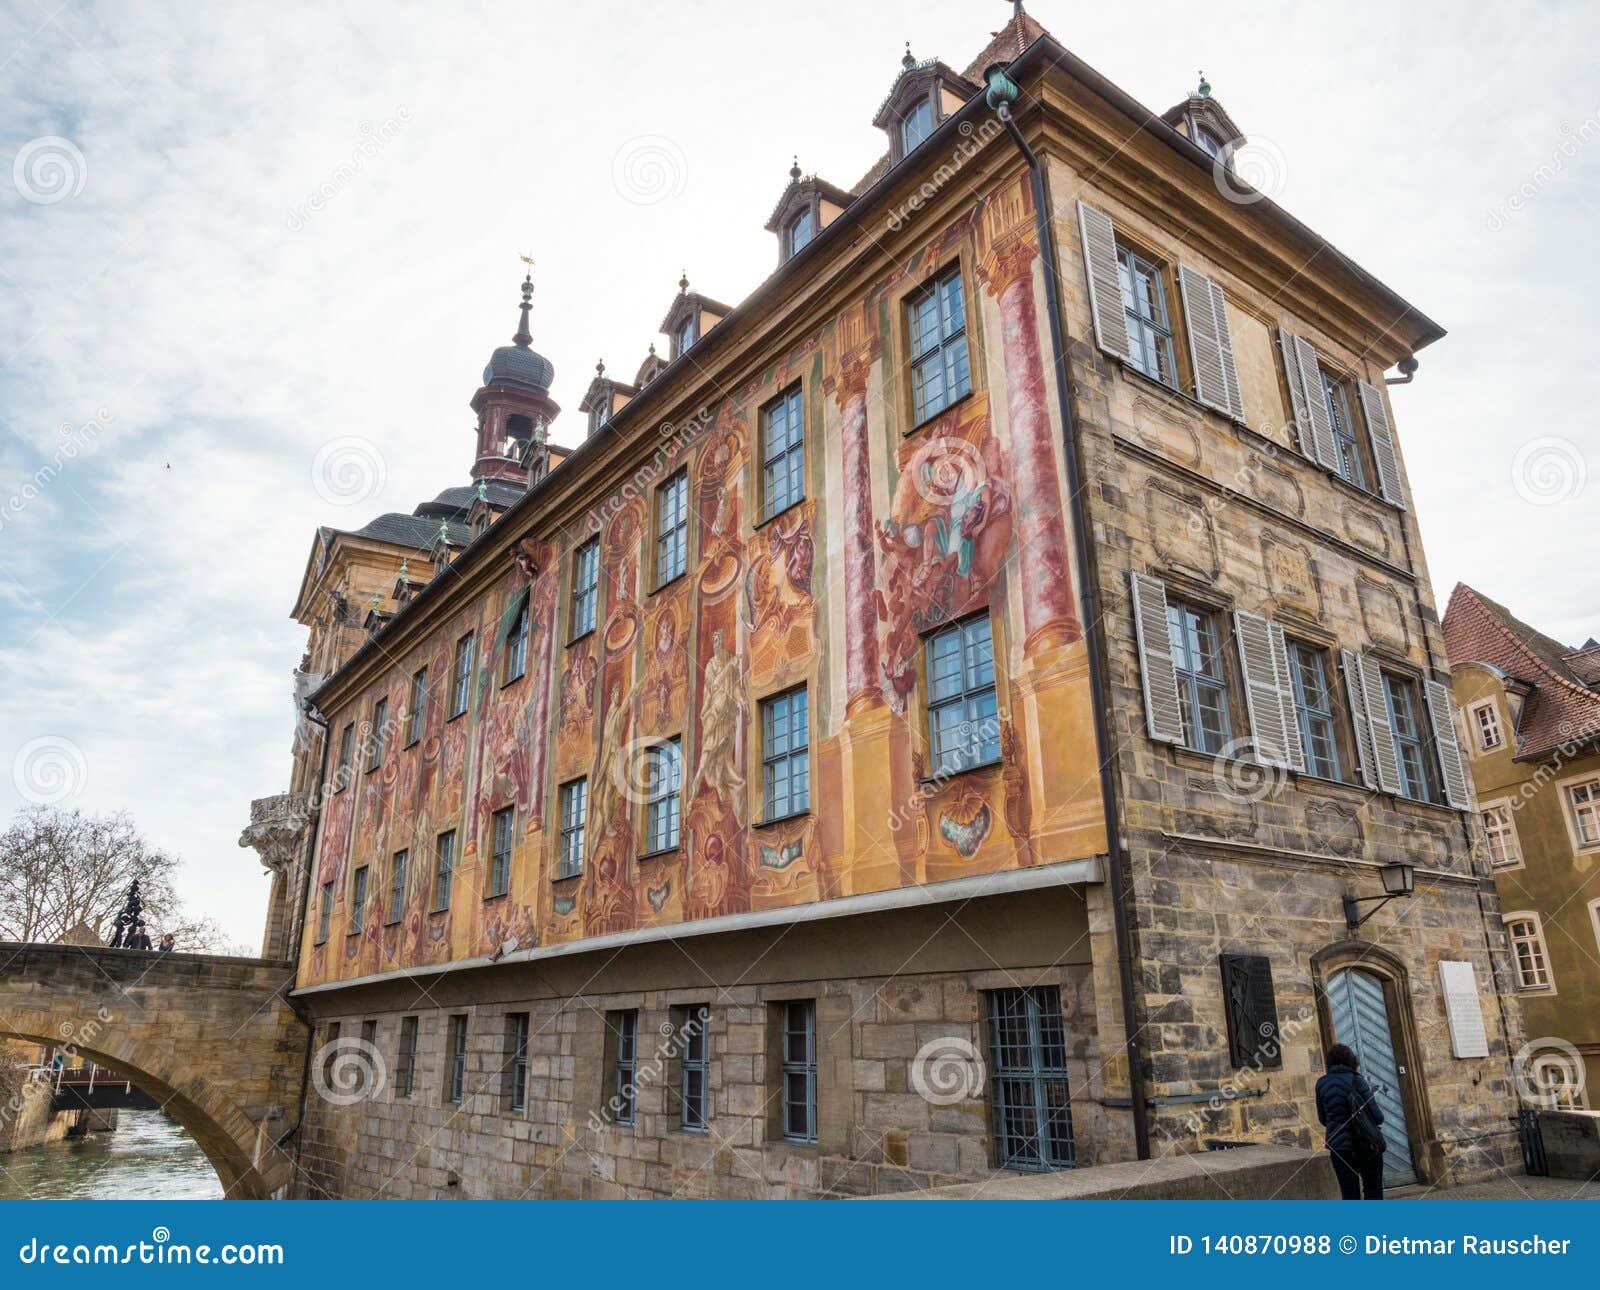 Stary urząd miasta, nazwany Altes Rathaus w niemiec w Bamberg